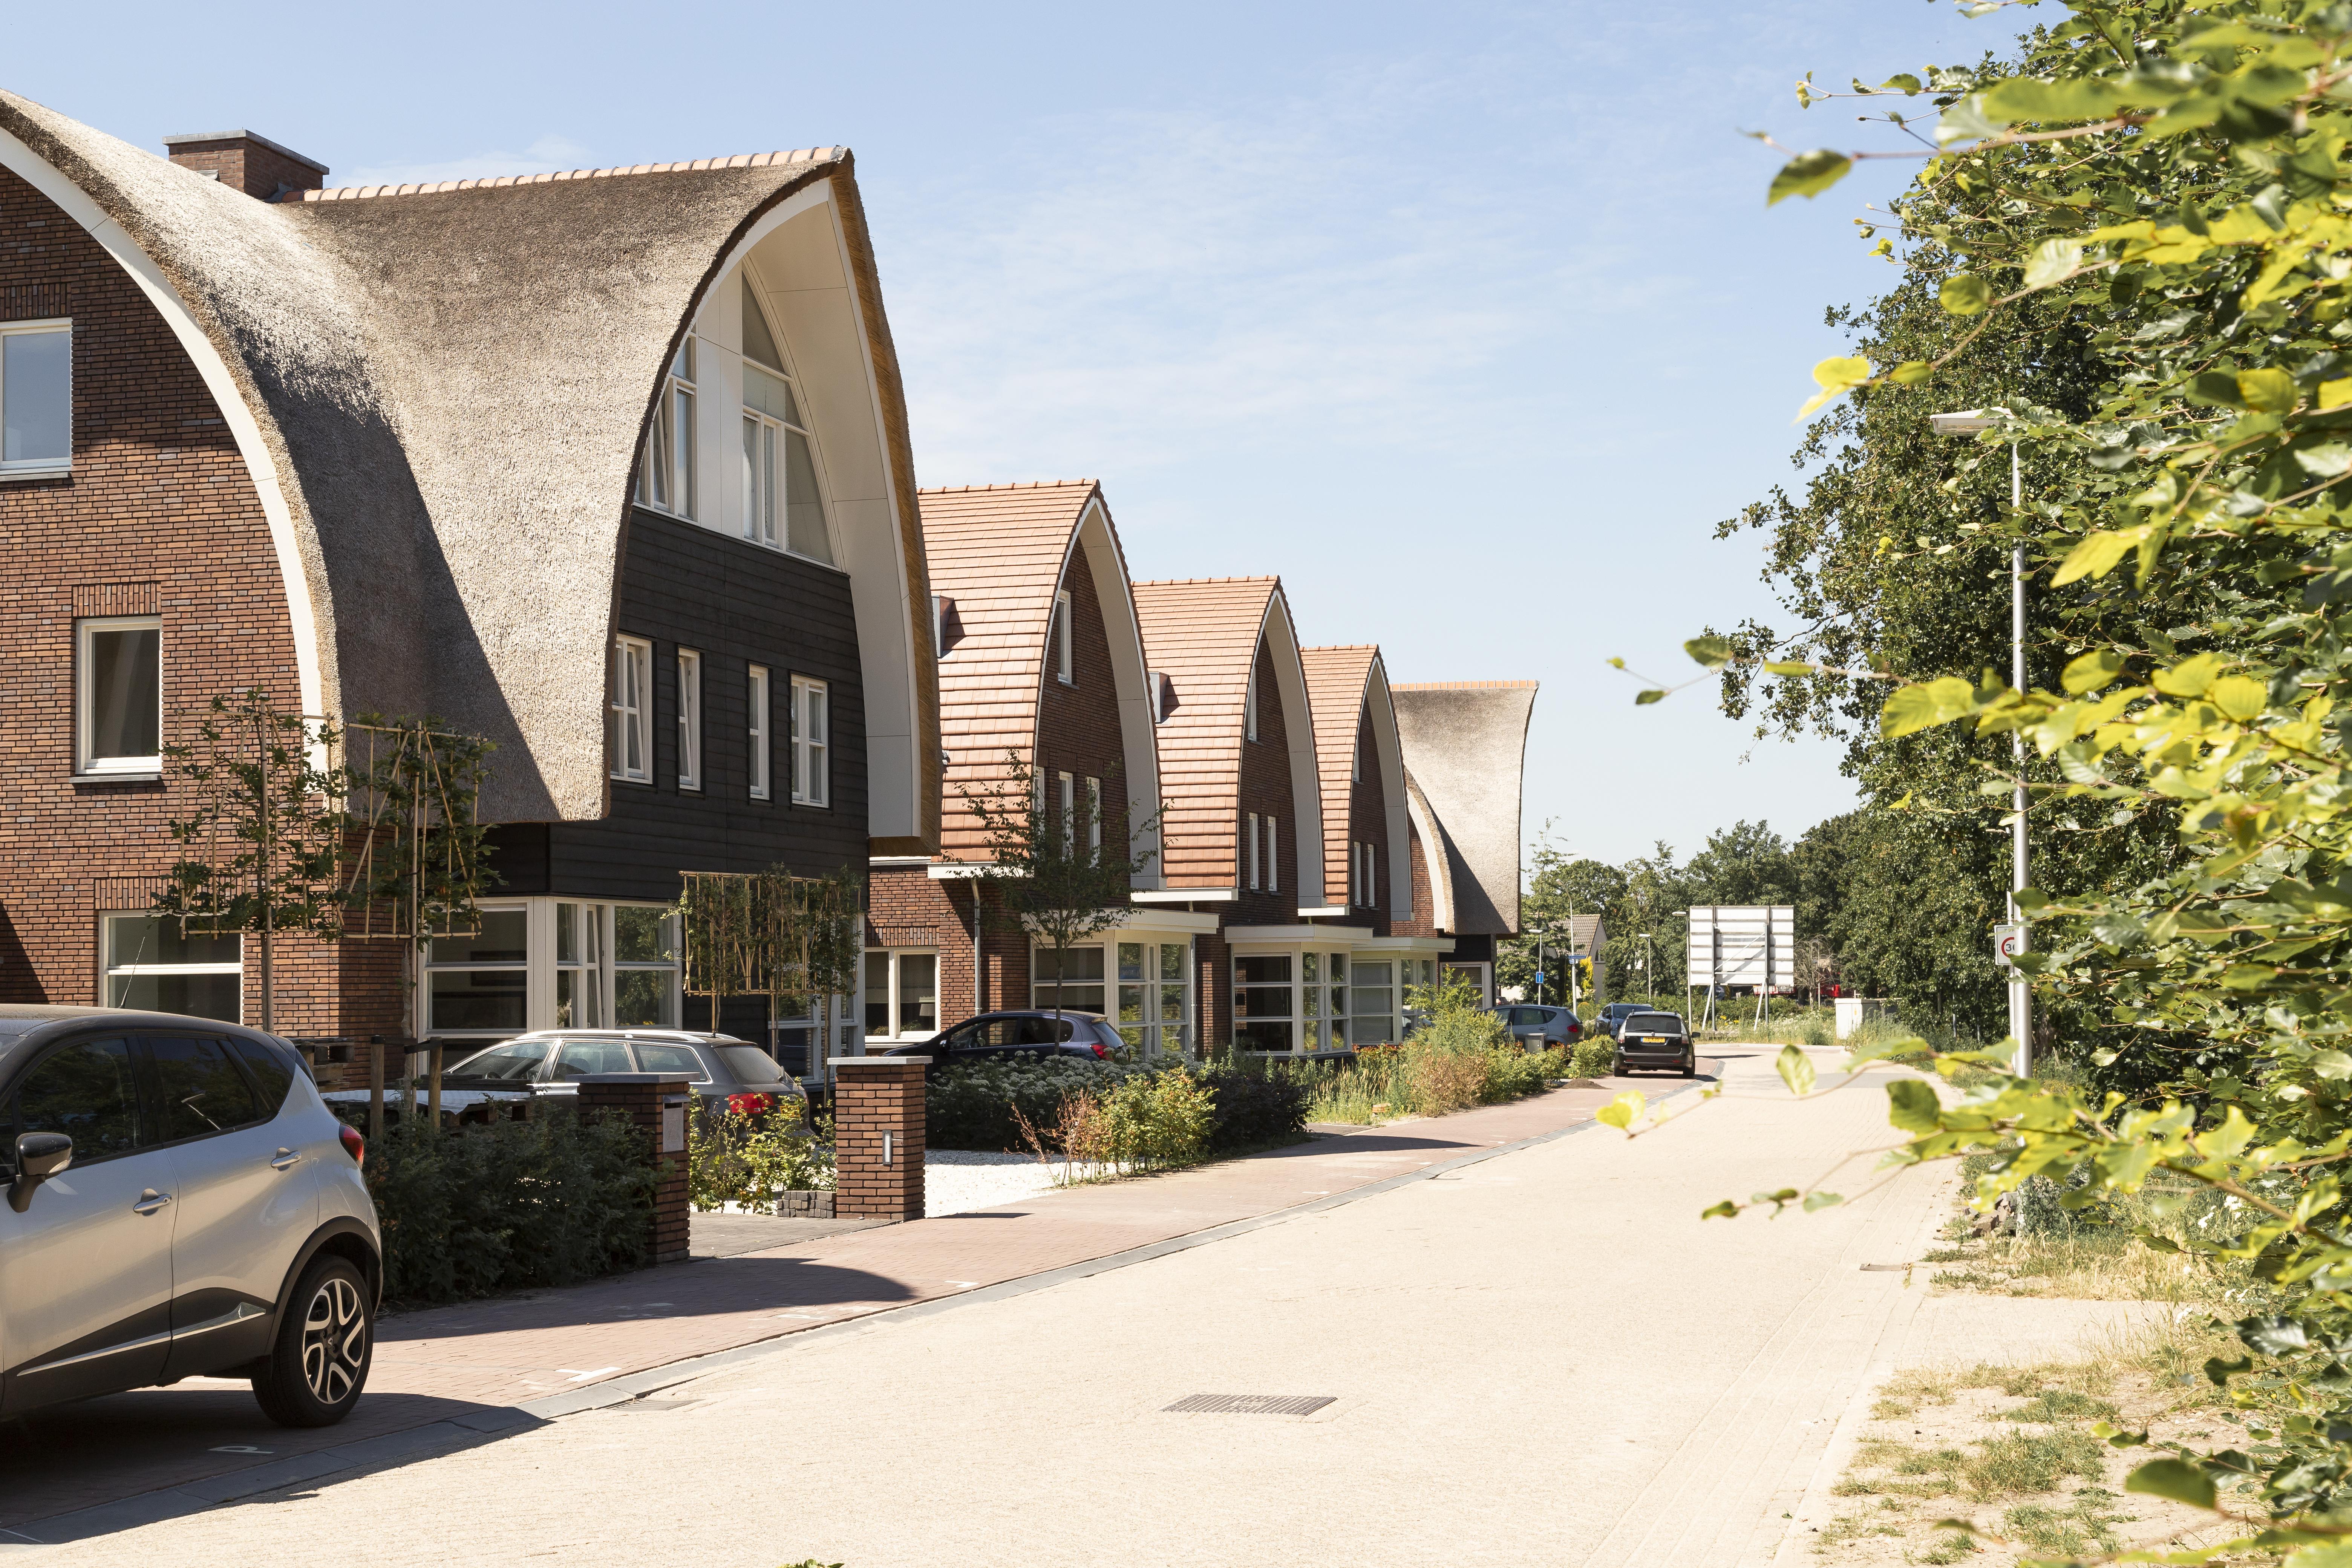 Villapark Lavendel in Vlijmen 26